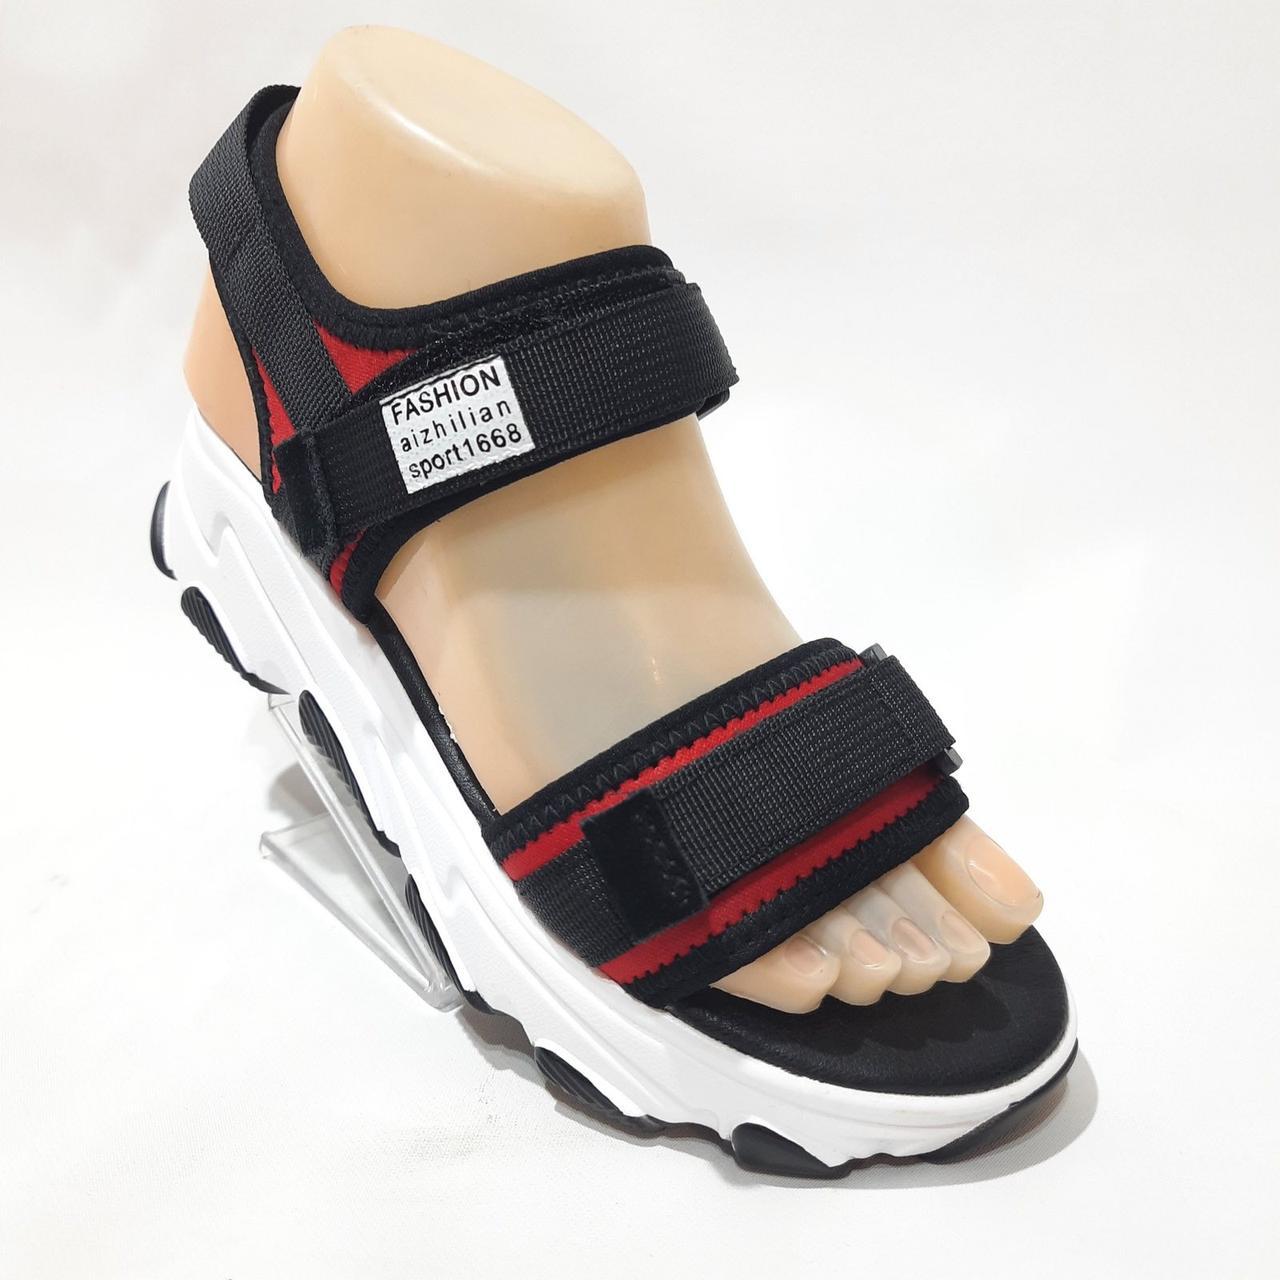 Босоніжки жіночі, сандалі з текстилю на низькому ходу на липучках Чорні